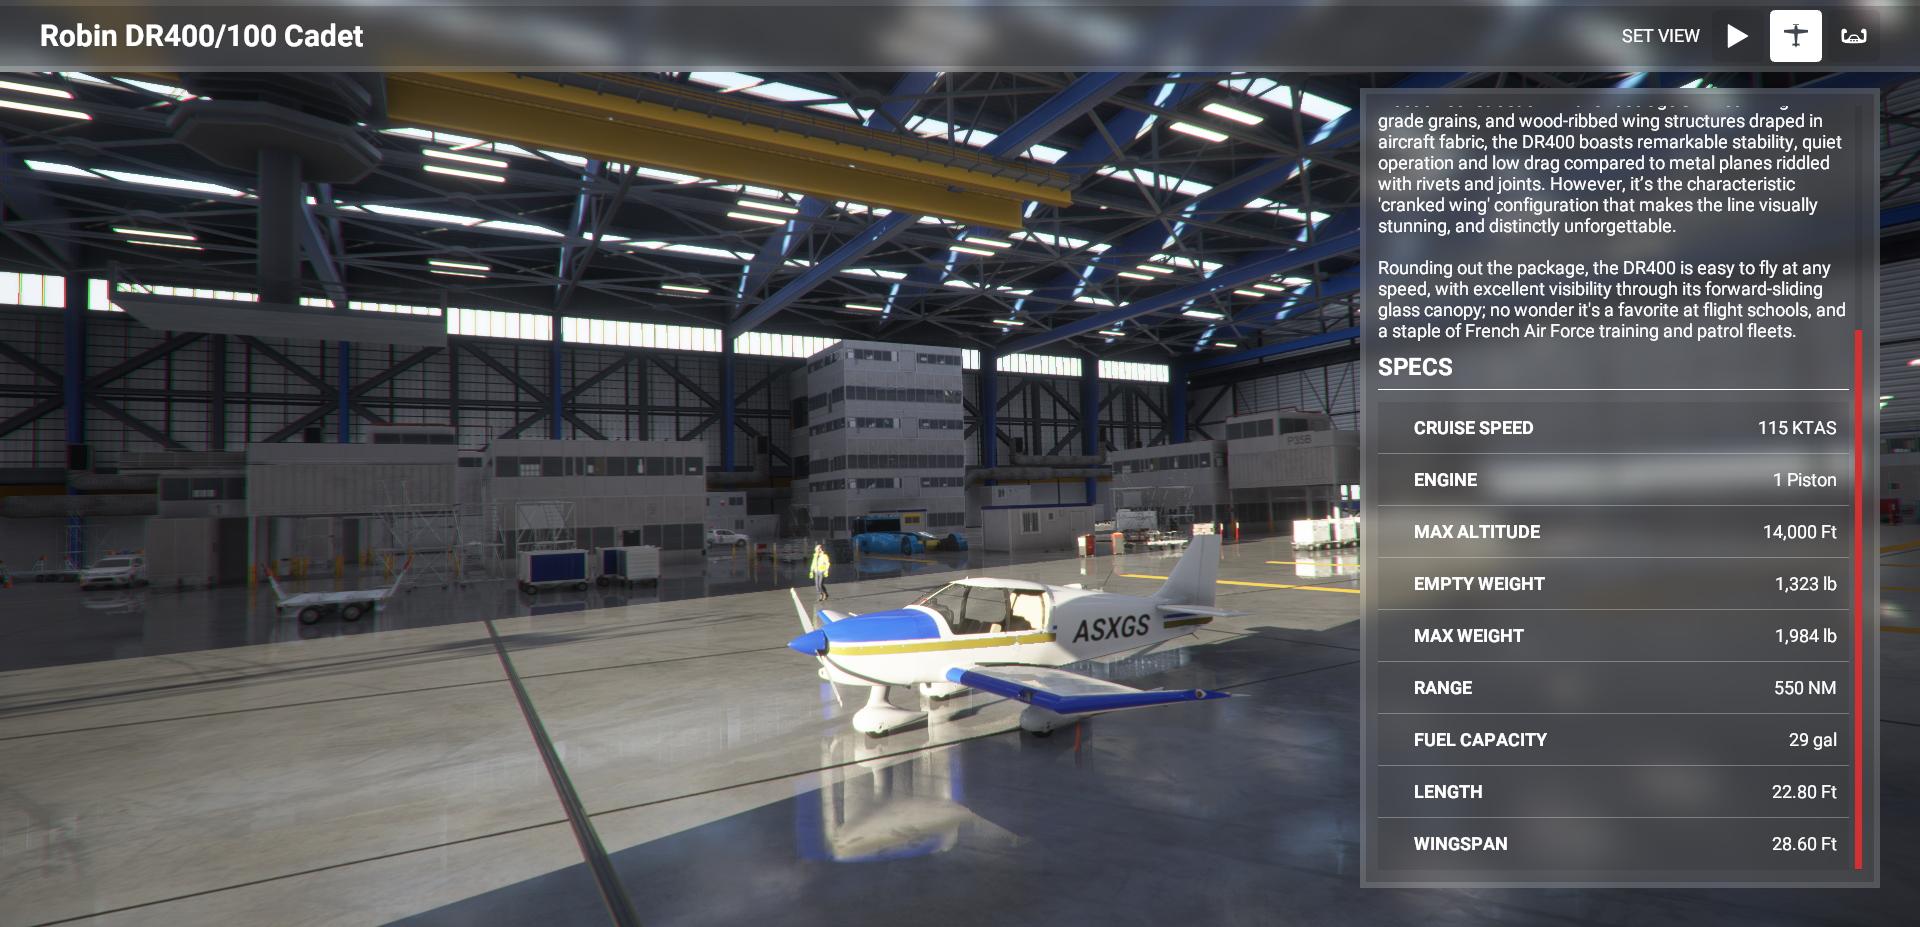 Microsoft Flight Simulator Robin Dr400 100 Cadet